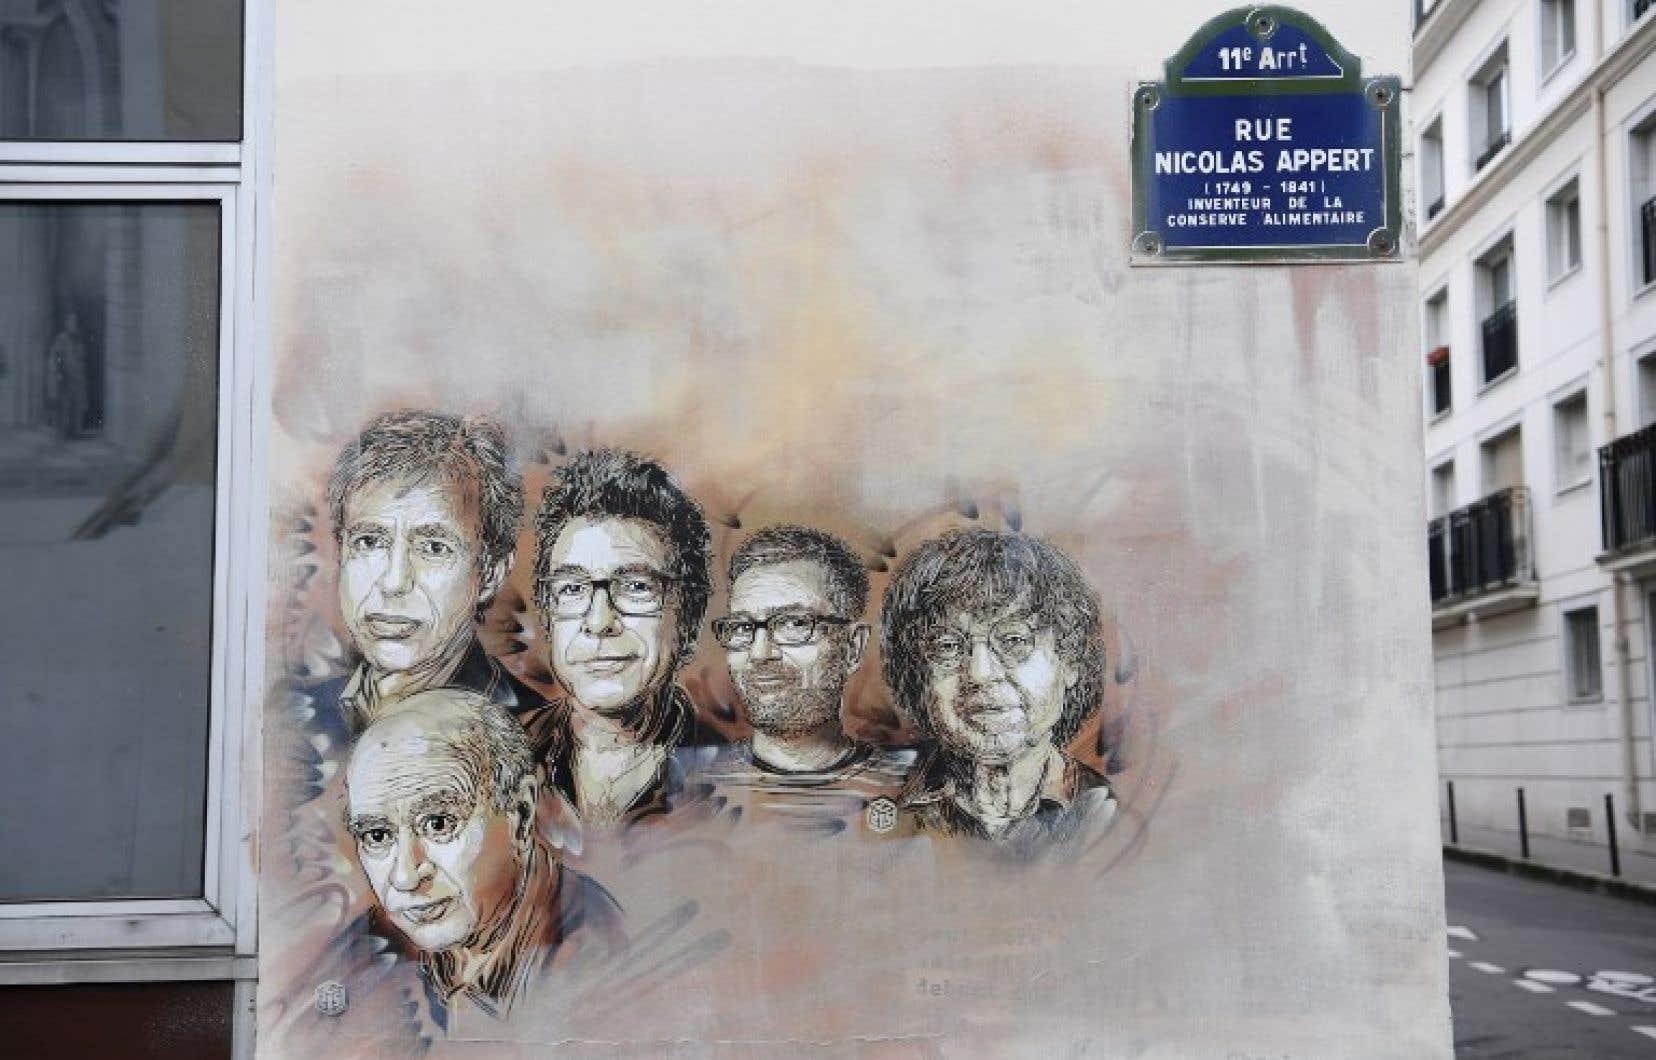 Plusieurs membres de la rédaction de l'hebdomadaire satirique Charlie Hebdo ont perdu la vie le 7 janvier 2015.